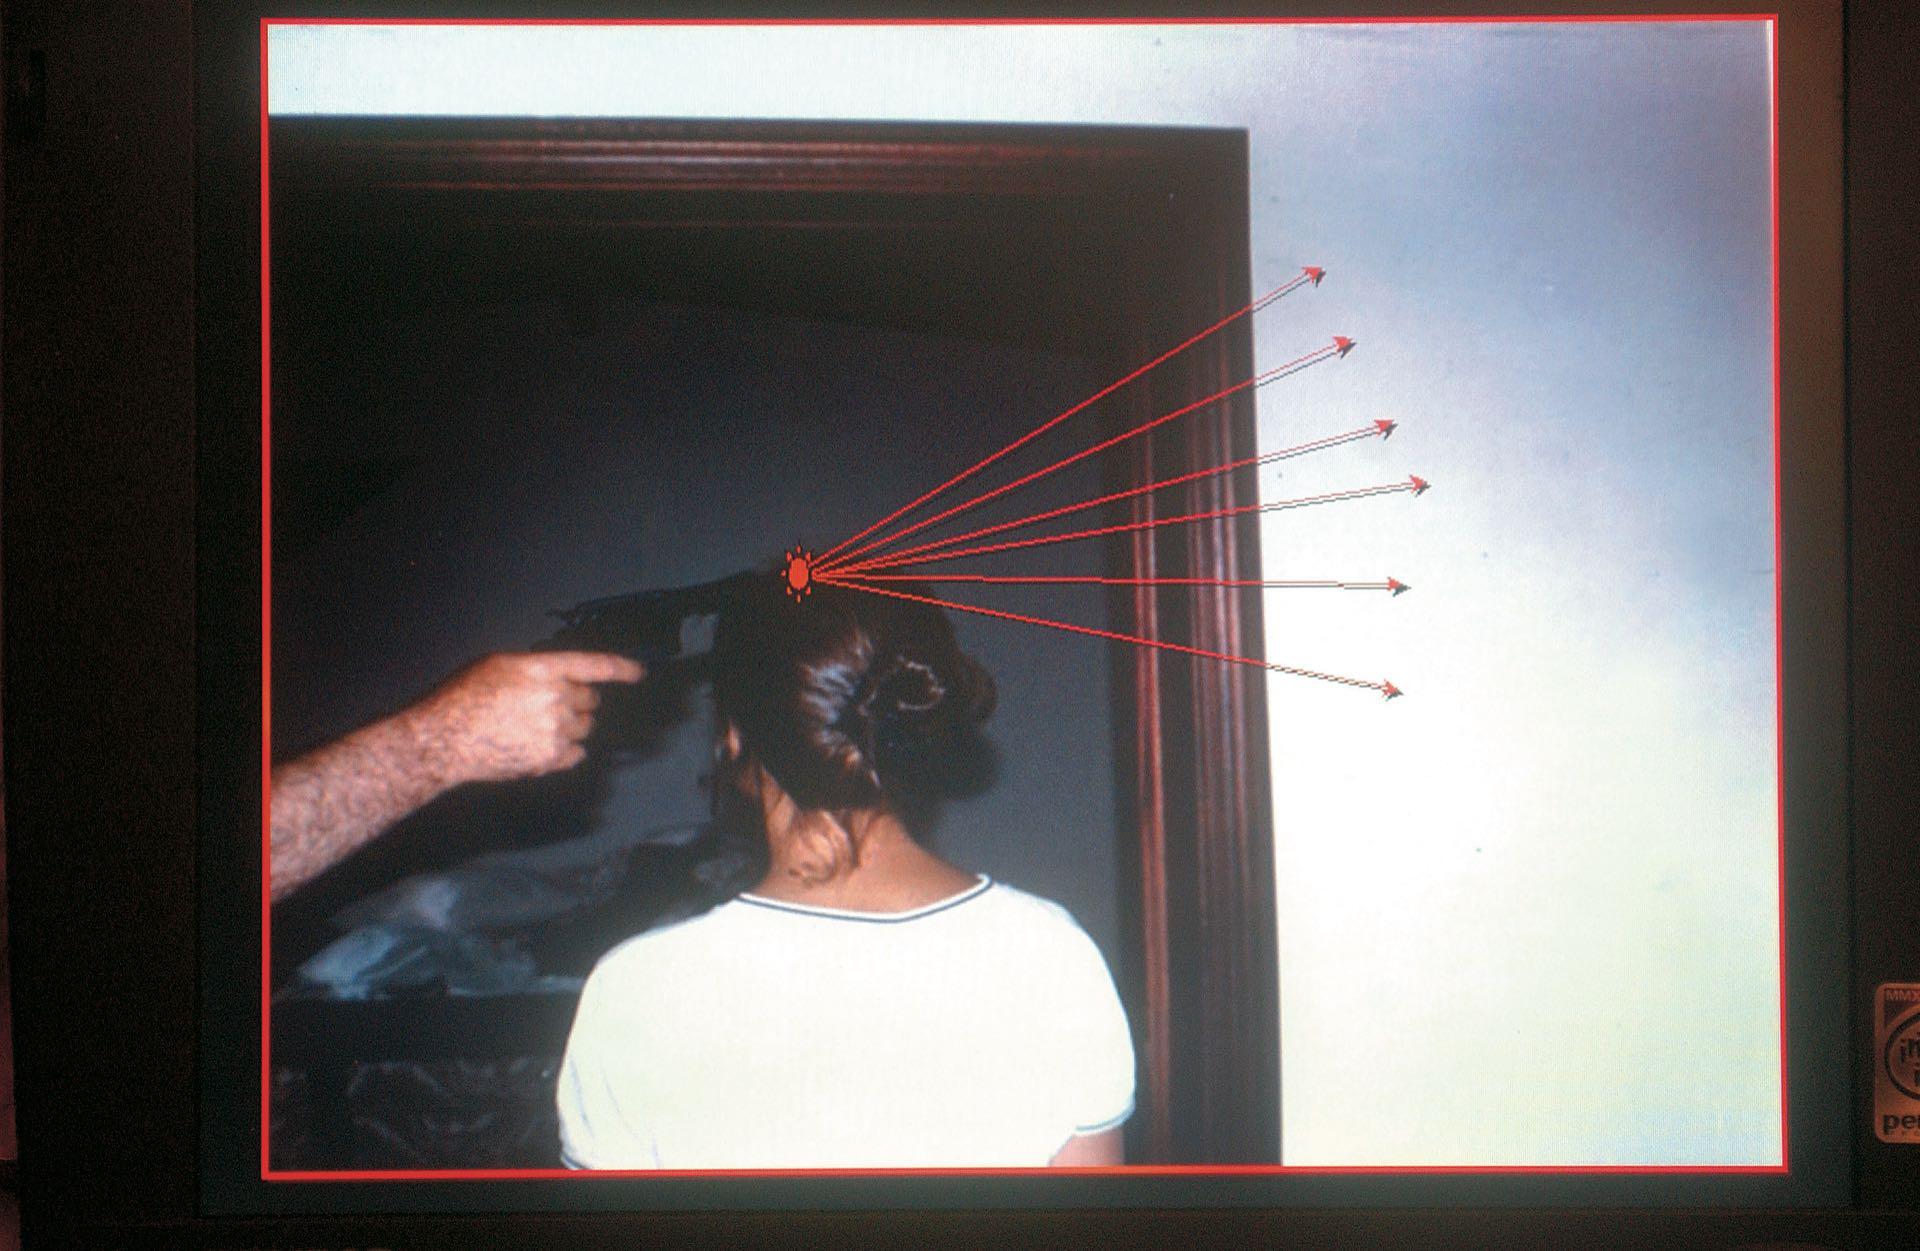 La imagen muestra cómo le dispararon a María Marta